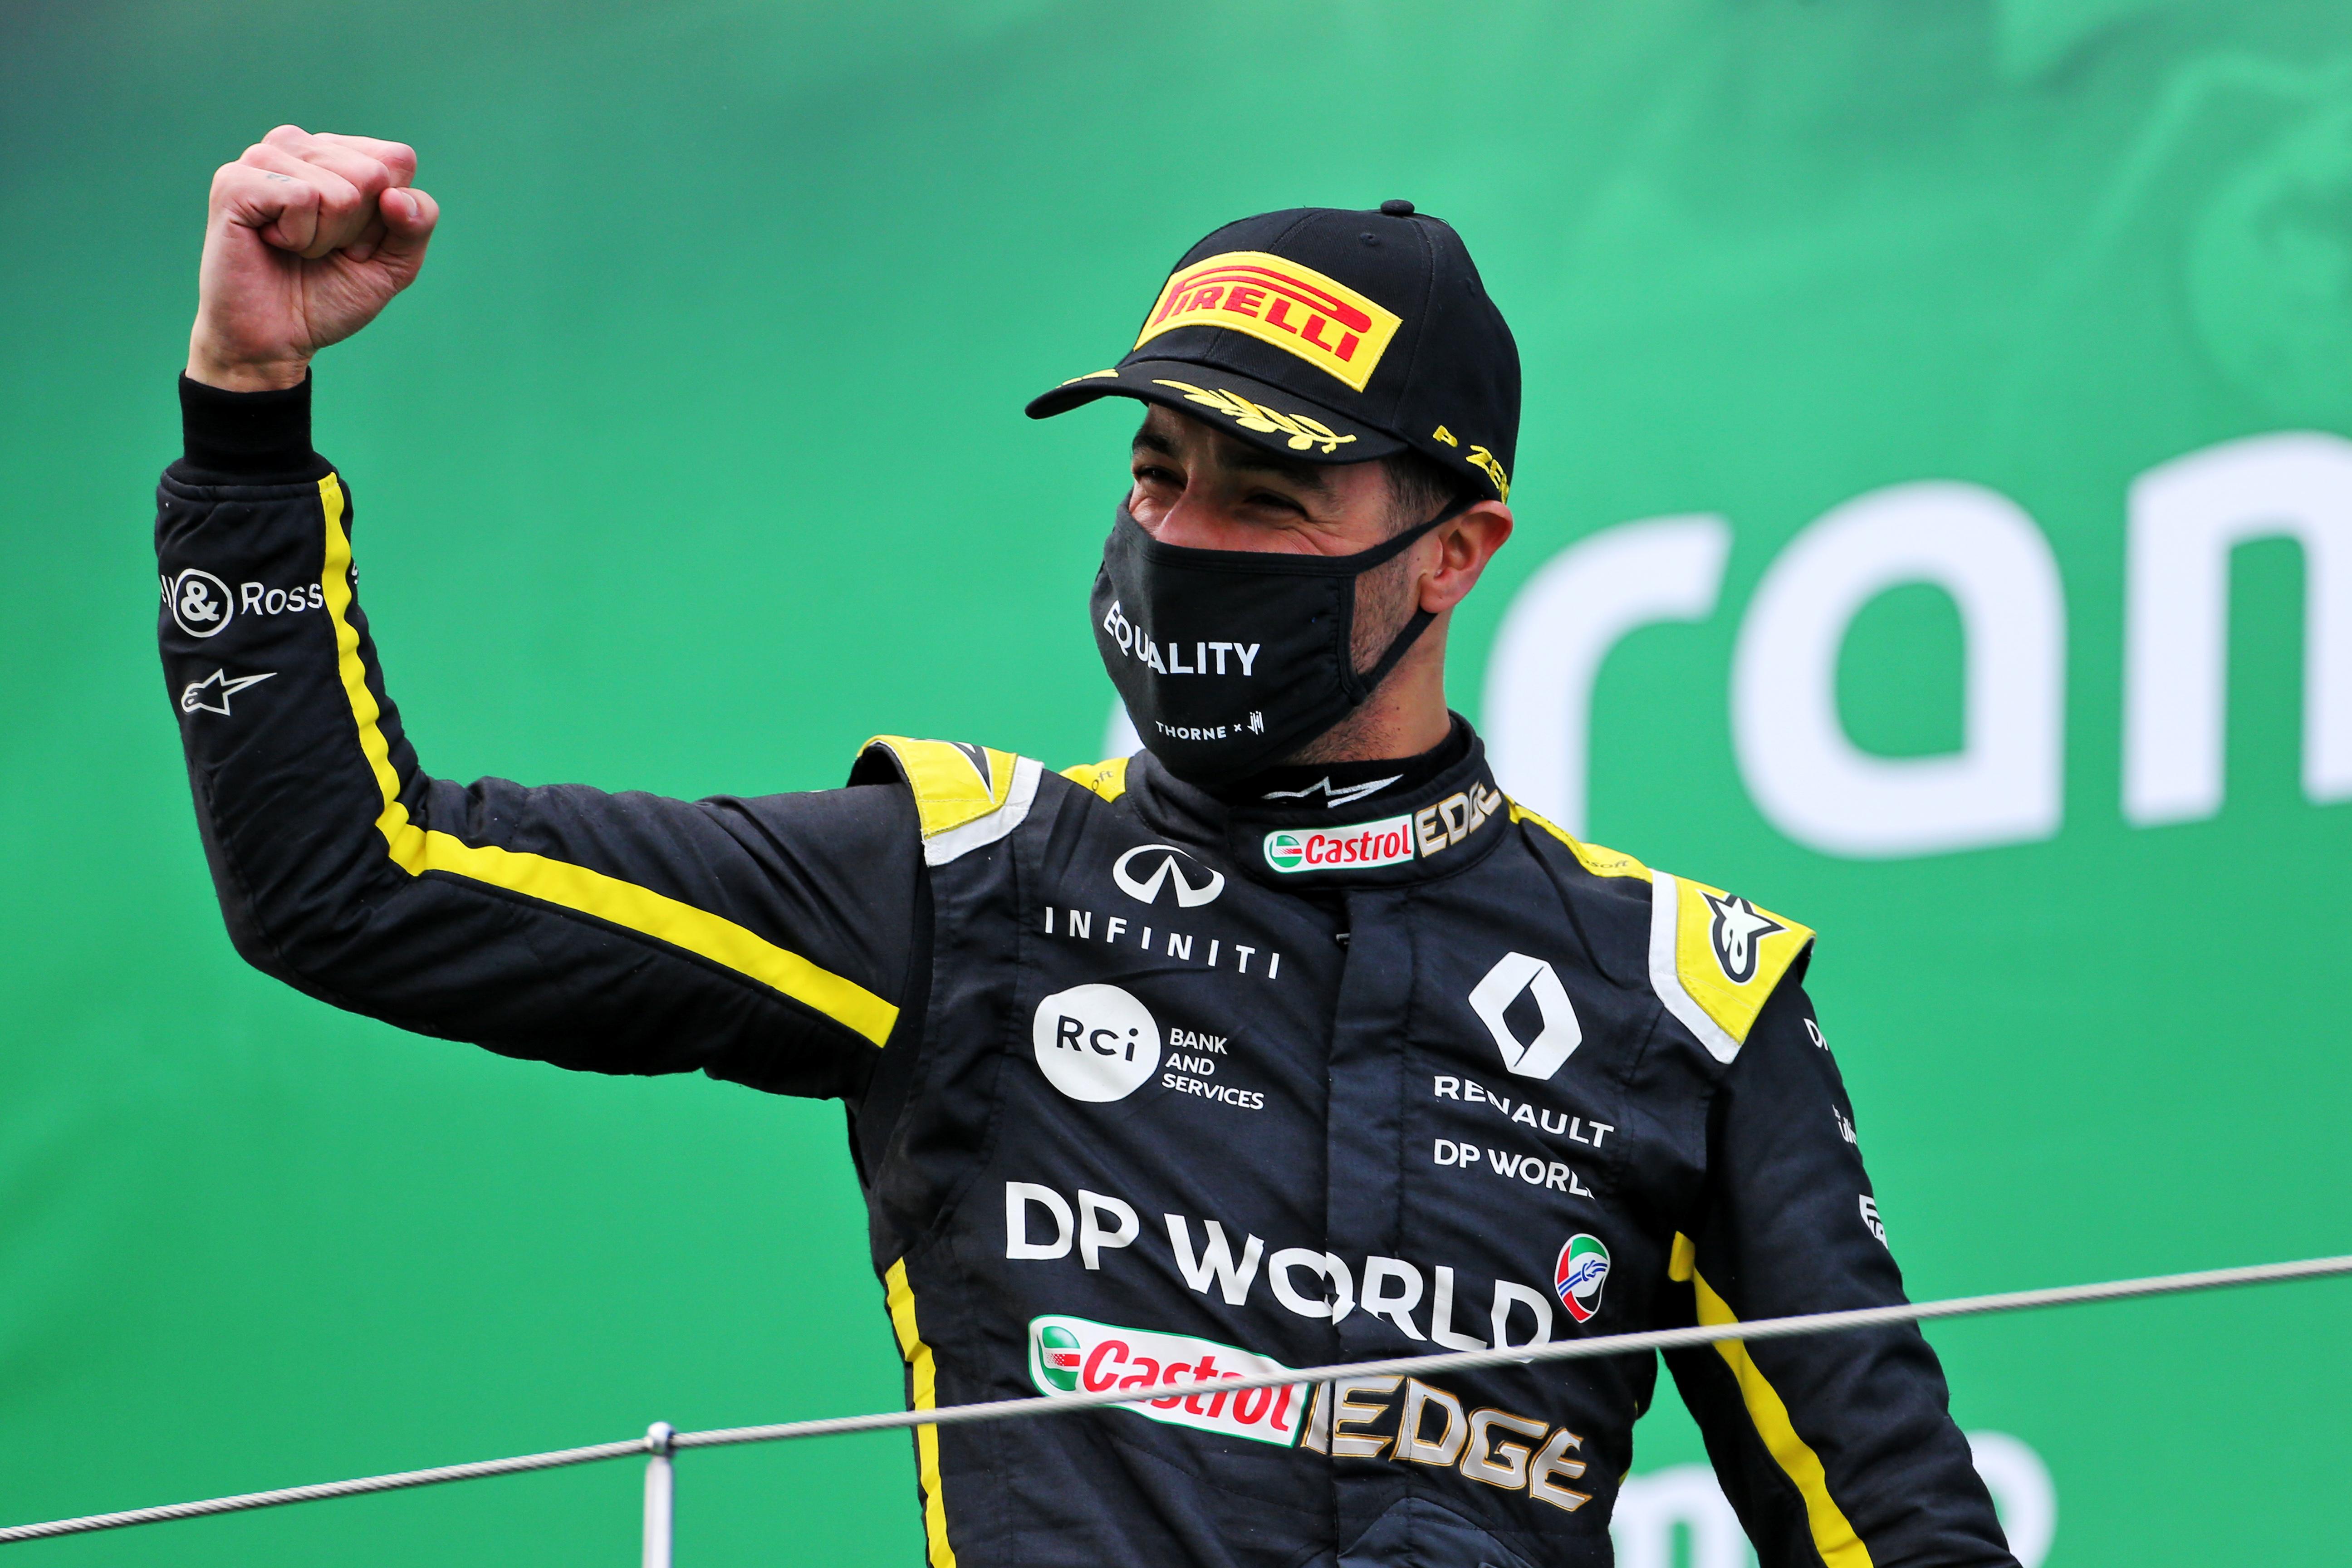 Daniel Ricciardo Renault F1 2020